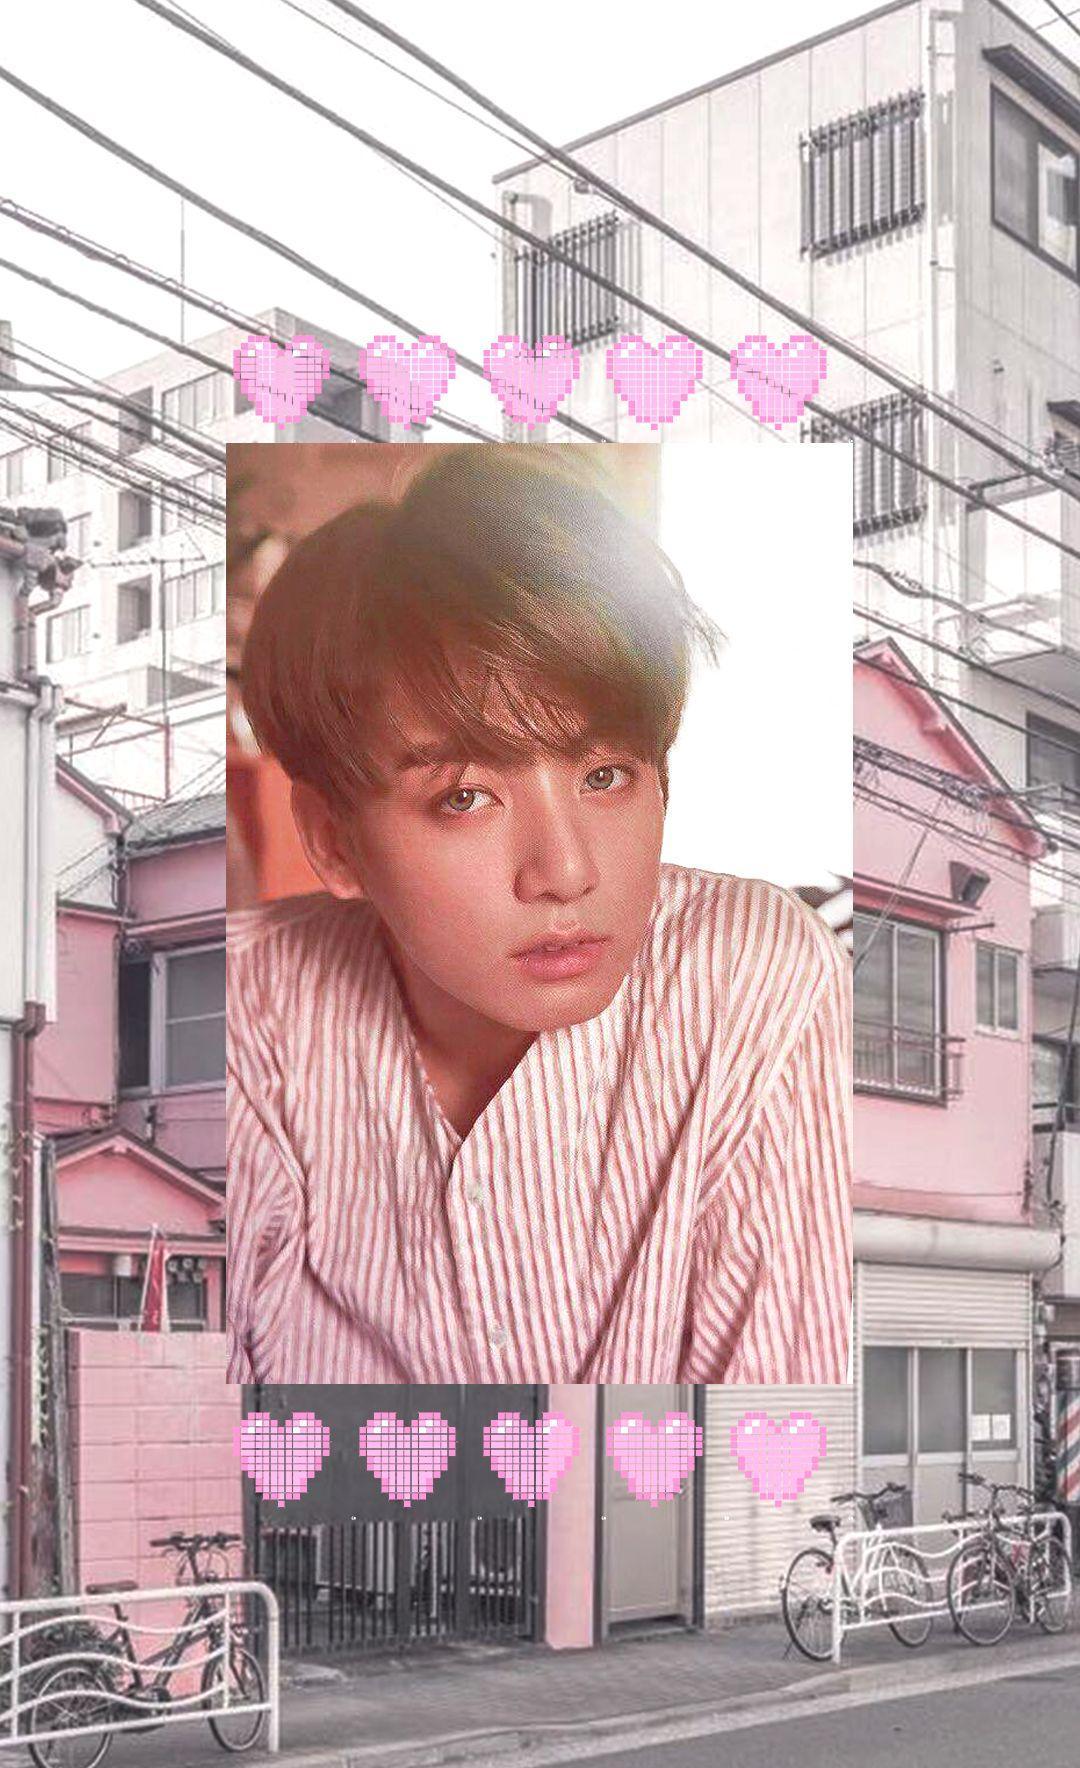 Jungkook Pink Aesthetic Wallpapers Wallpaper Cave